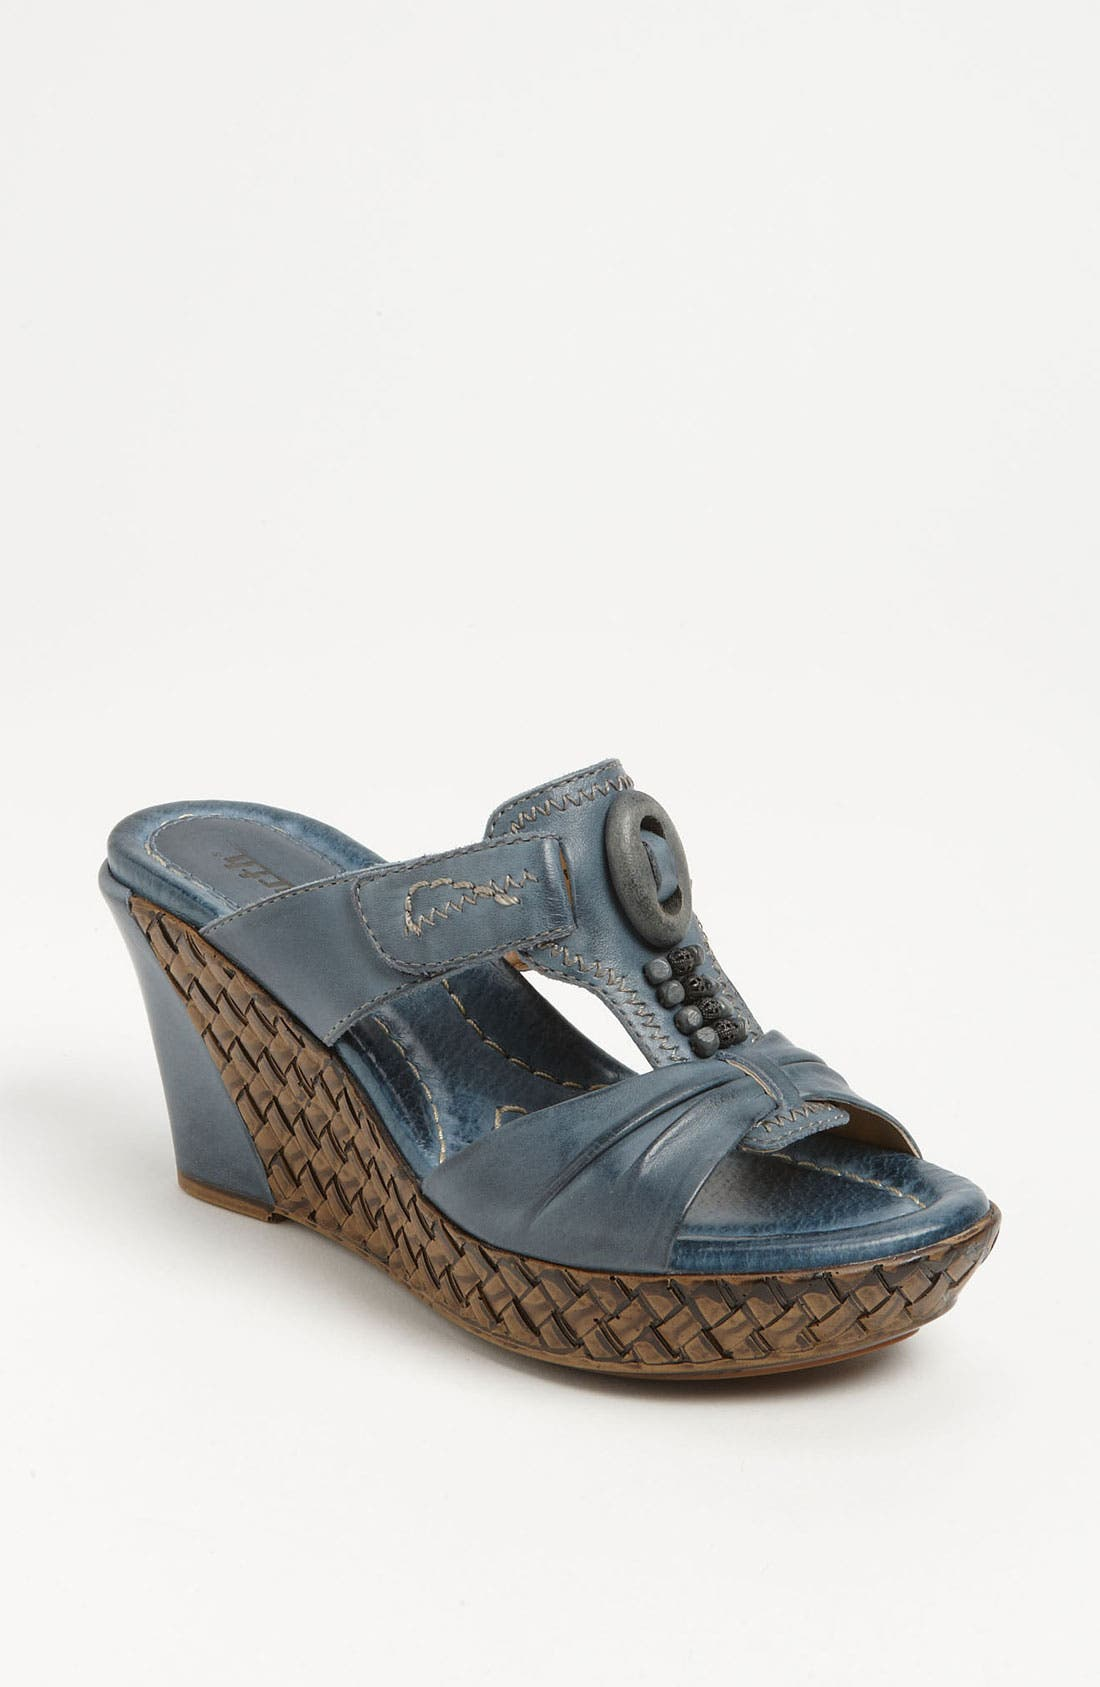 Main Image - Earth® 'Eden' Sandal